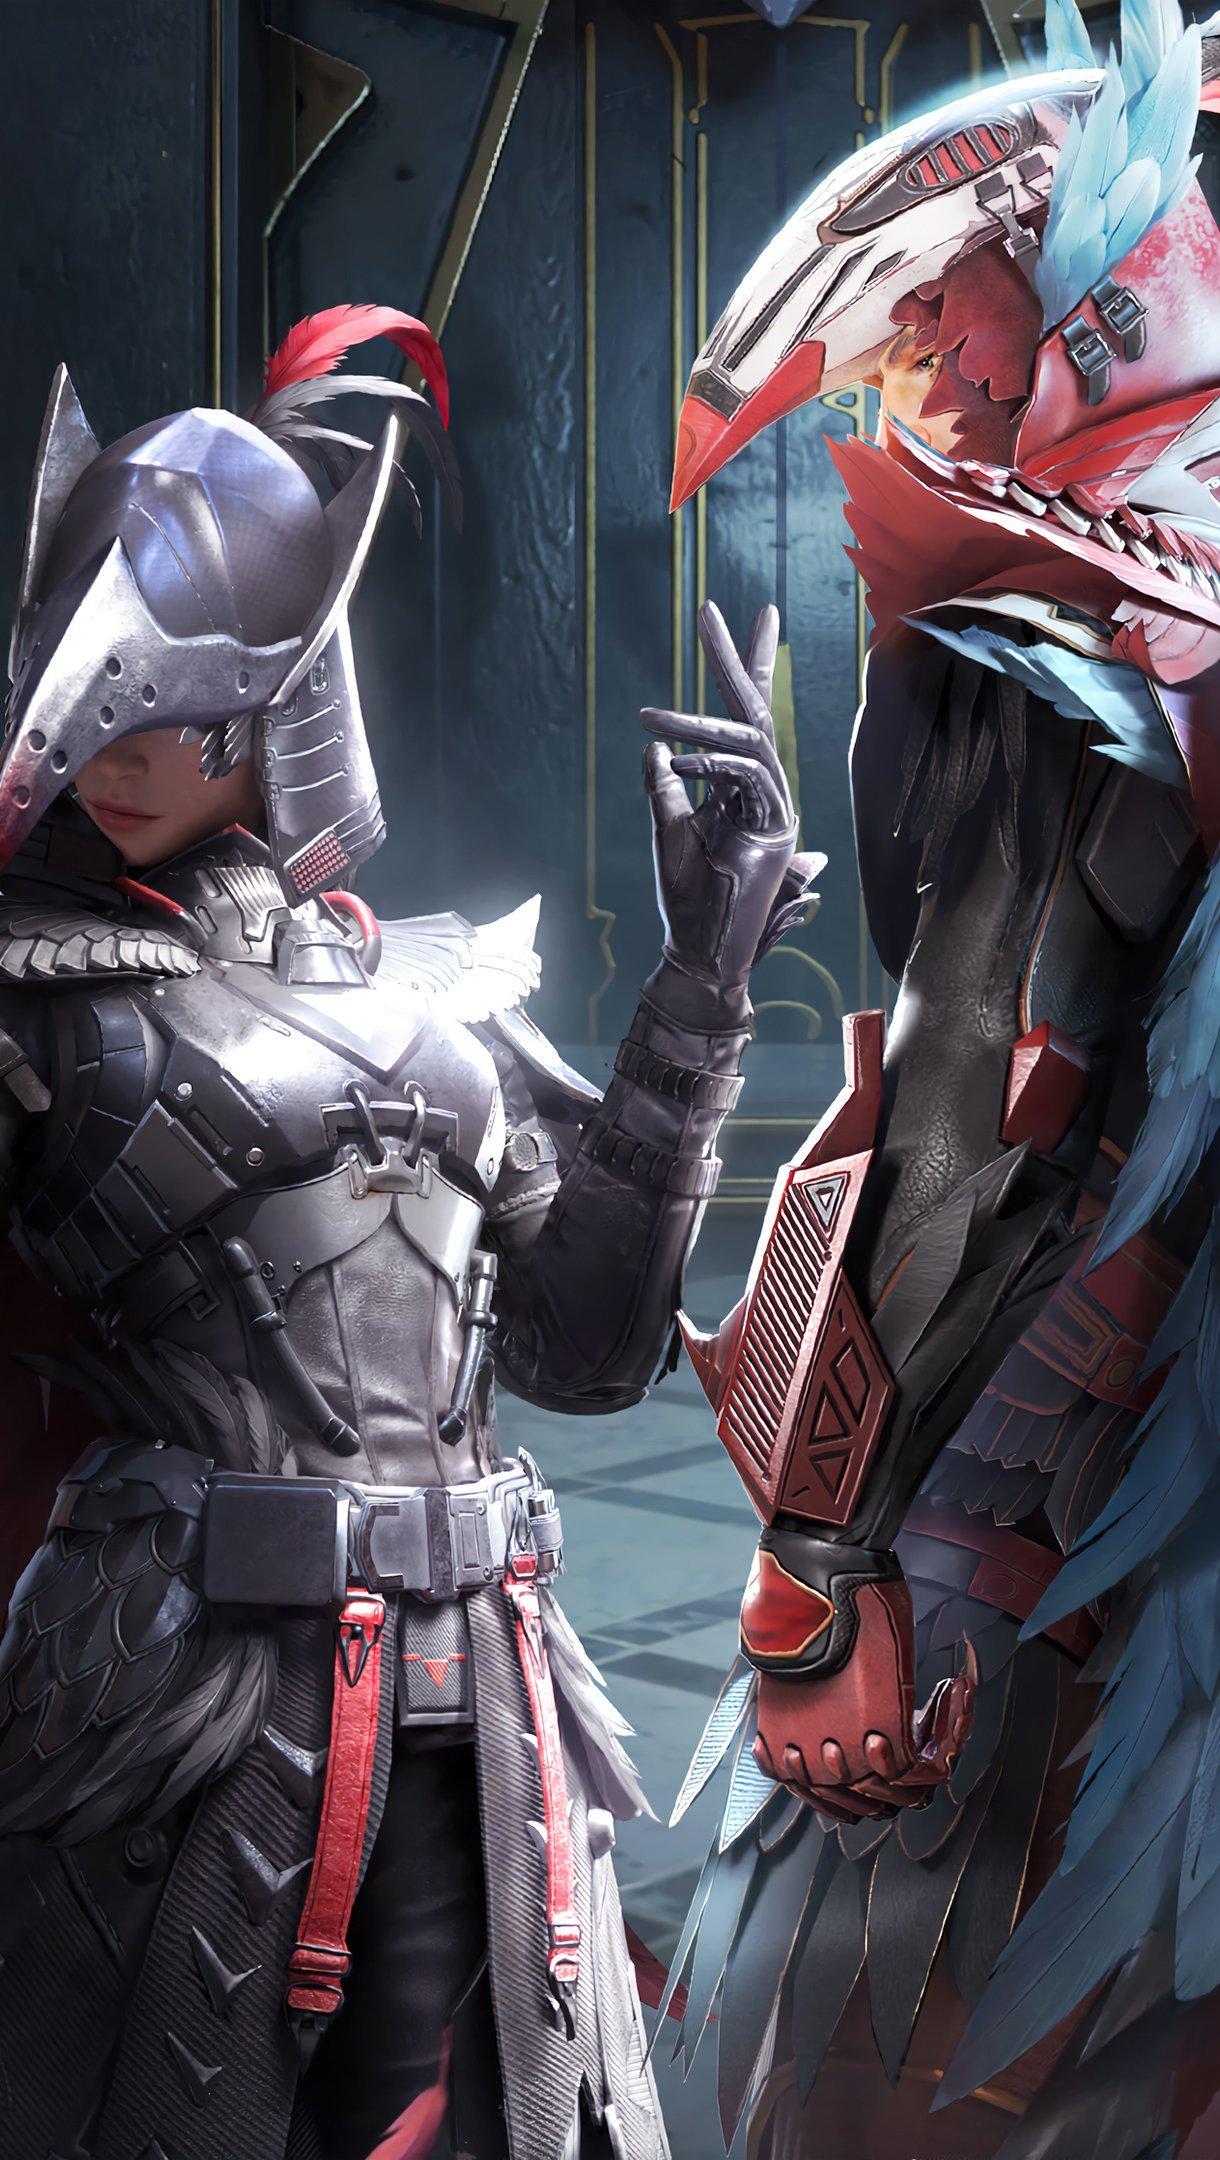 Wallpaper PUBG Mobile Blood Raven x Suit Set Outfit Vertical